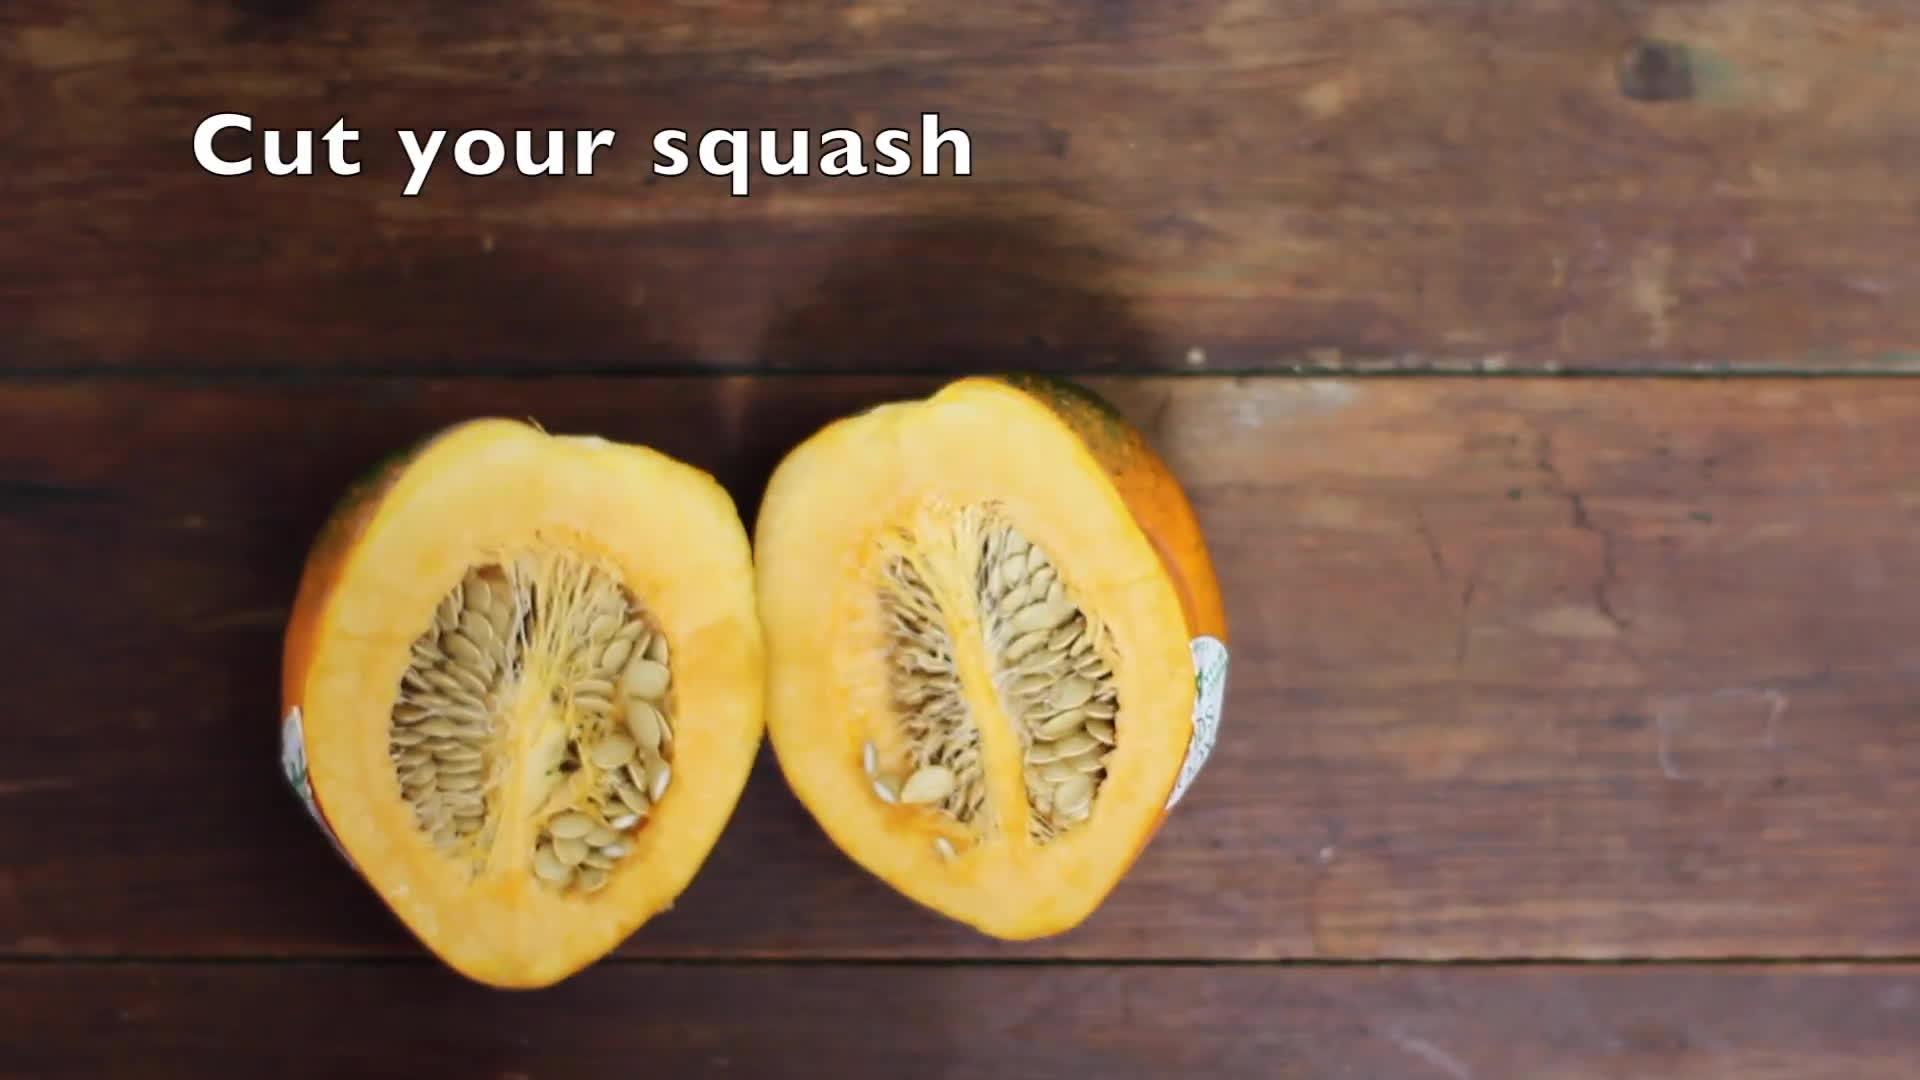 acorn squash, instant pot, recips gifs, Instant Pot Acorn Squash GIFs